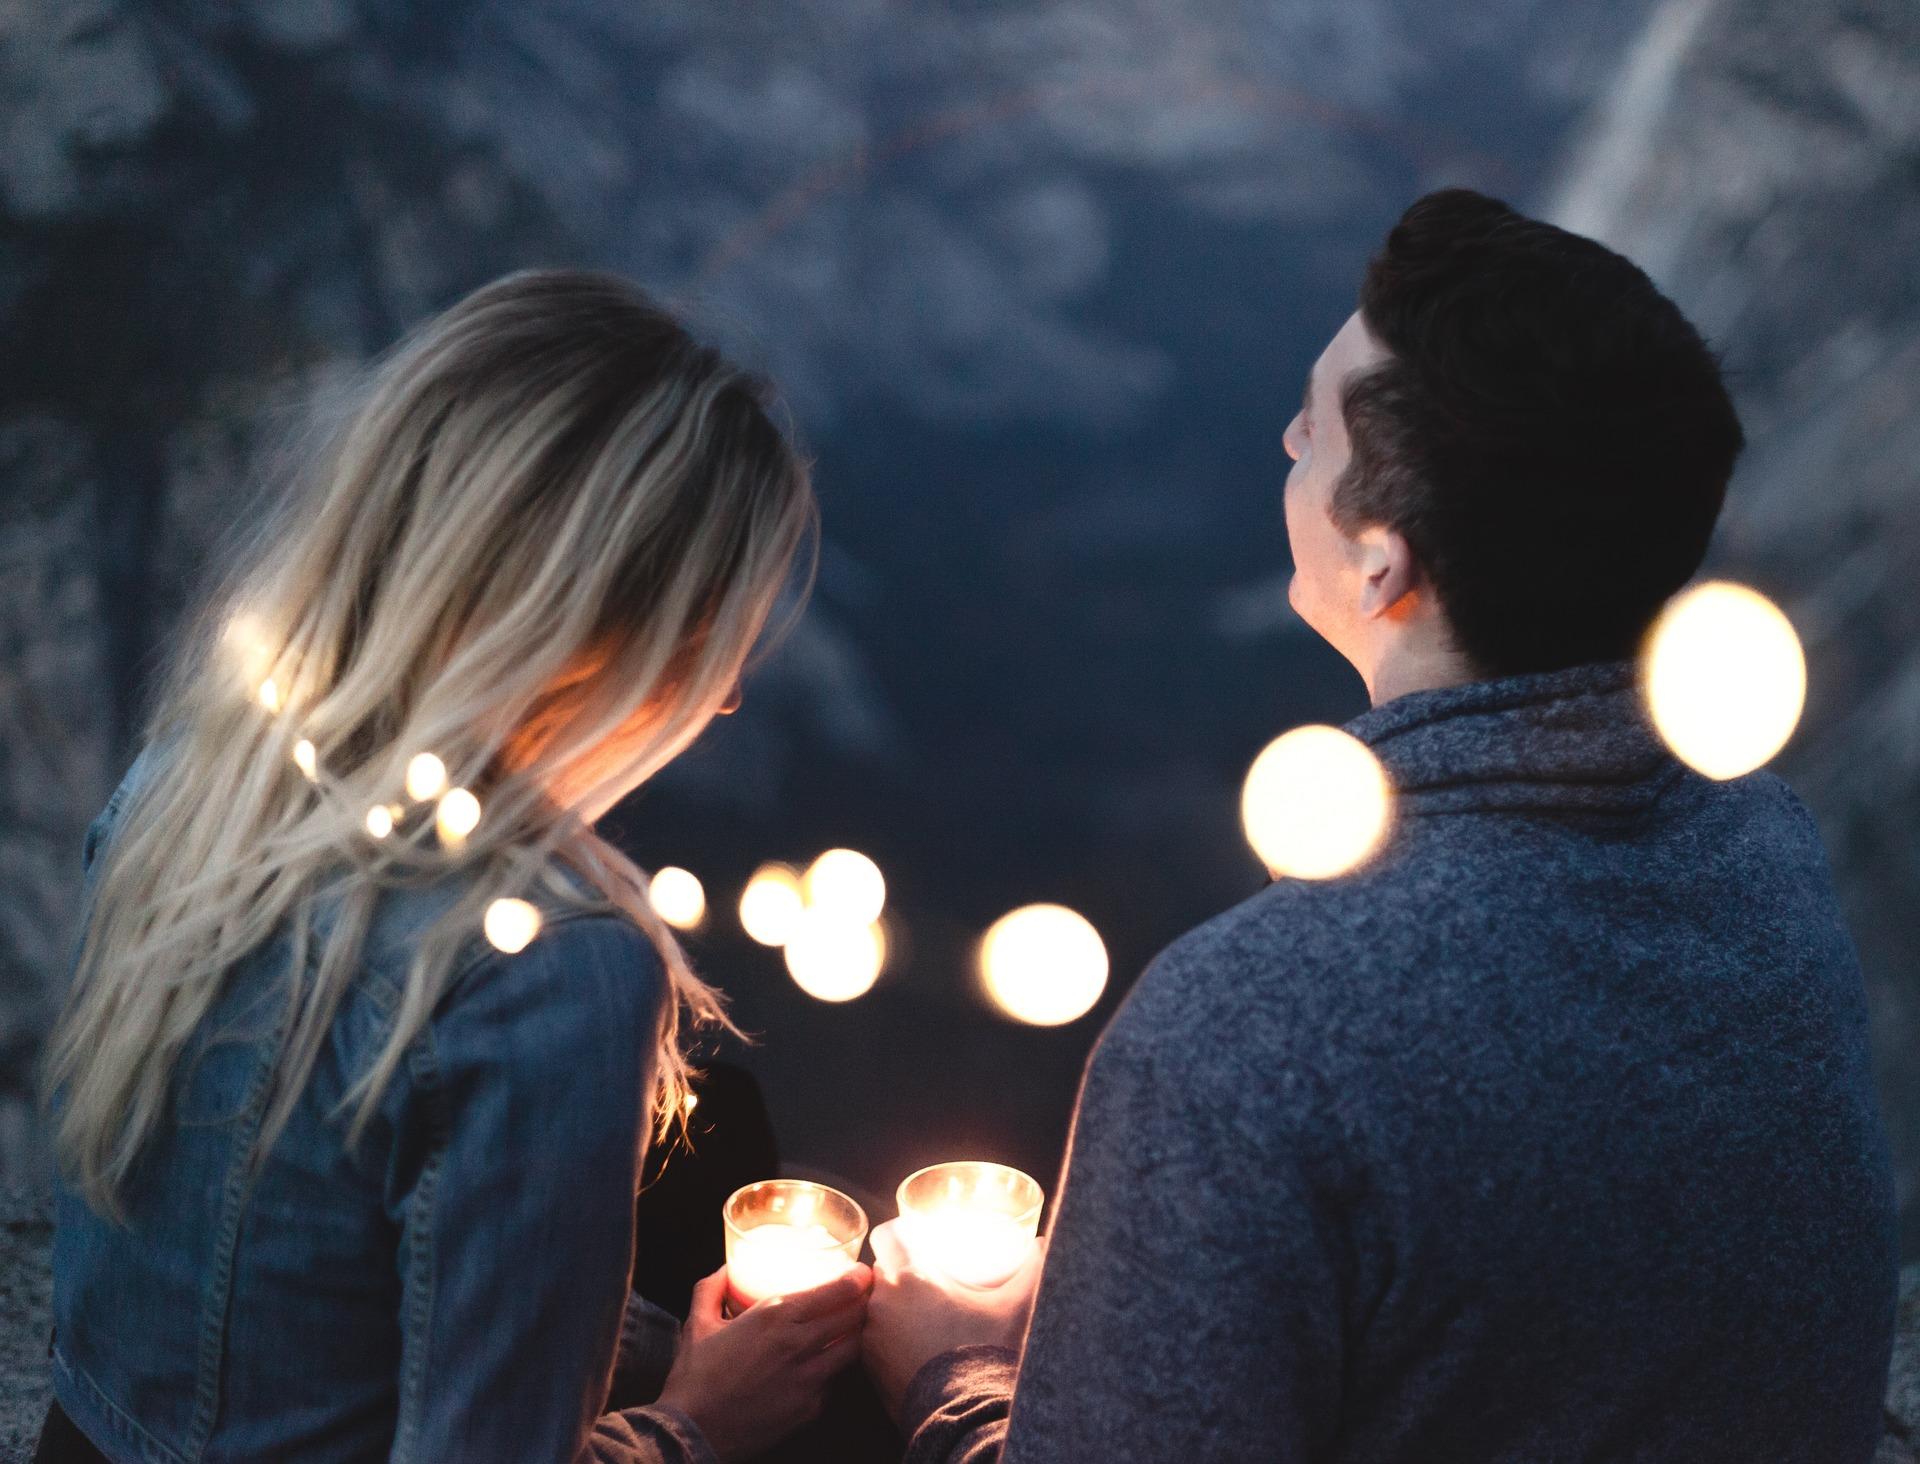 """Wie wäre es mit einem """"Liebessprachencoaching"""", damit später keine Paartherapie nötig ist?"""